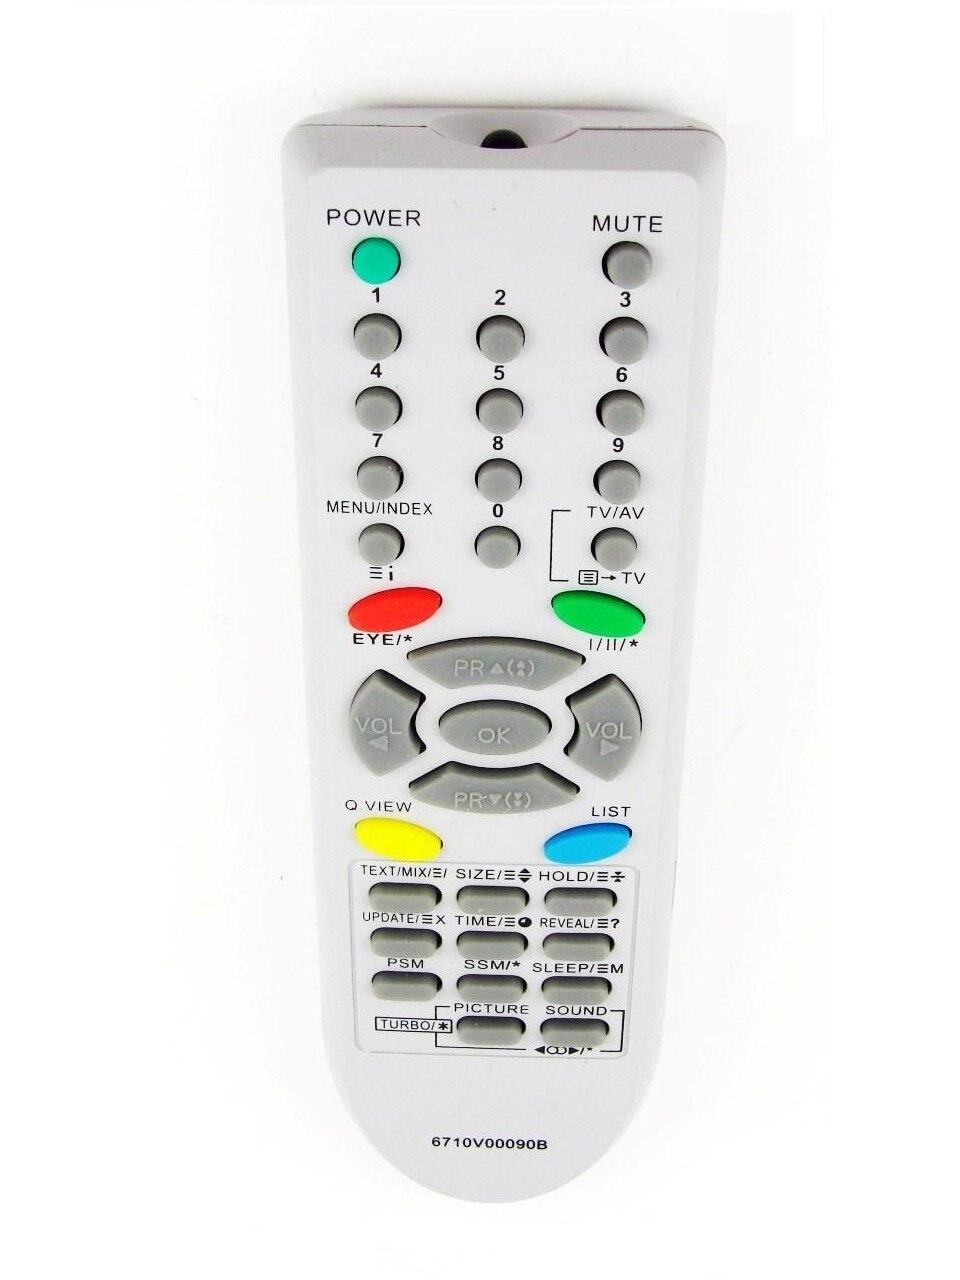 Télécommande pour LG 6710V00090B TV RT-21FA72X RT-21FB20RQ RT-20FB20RQ CF-21Q45RQ CT-21Q42KEX CF-21S13KEX RT-20LA30 Rolsen C21R92 C21R95